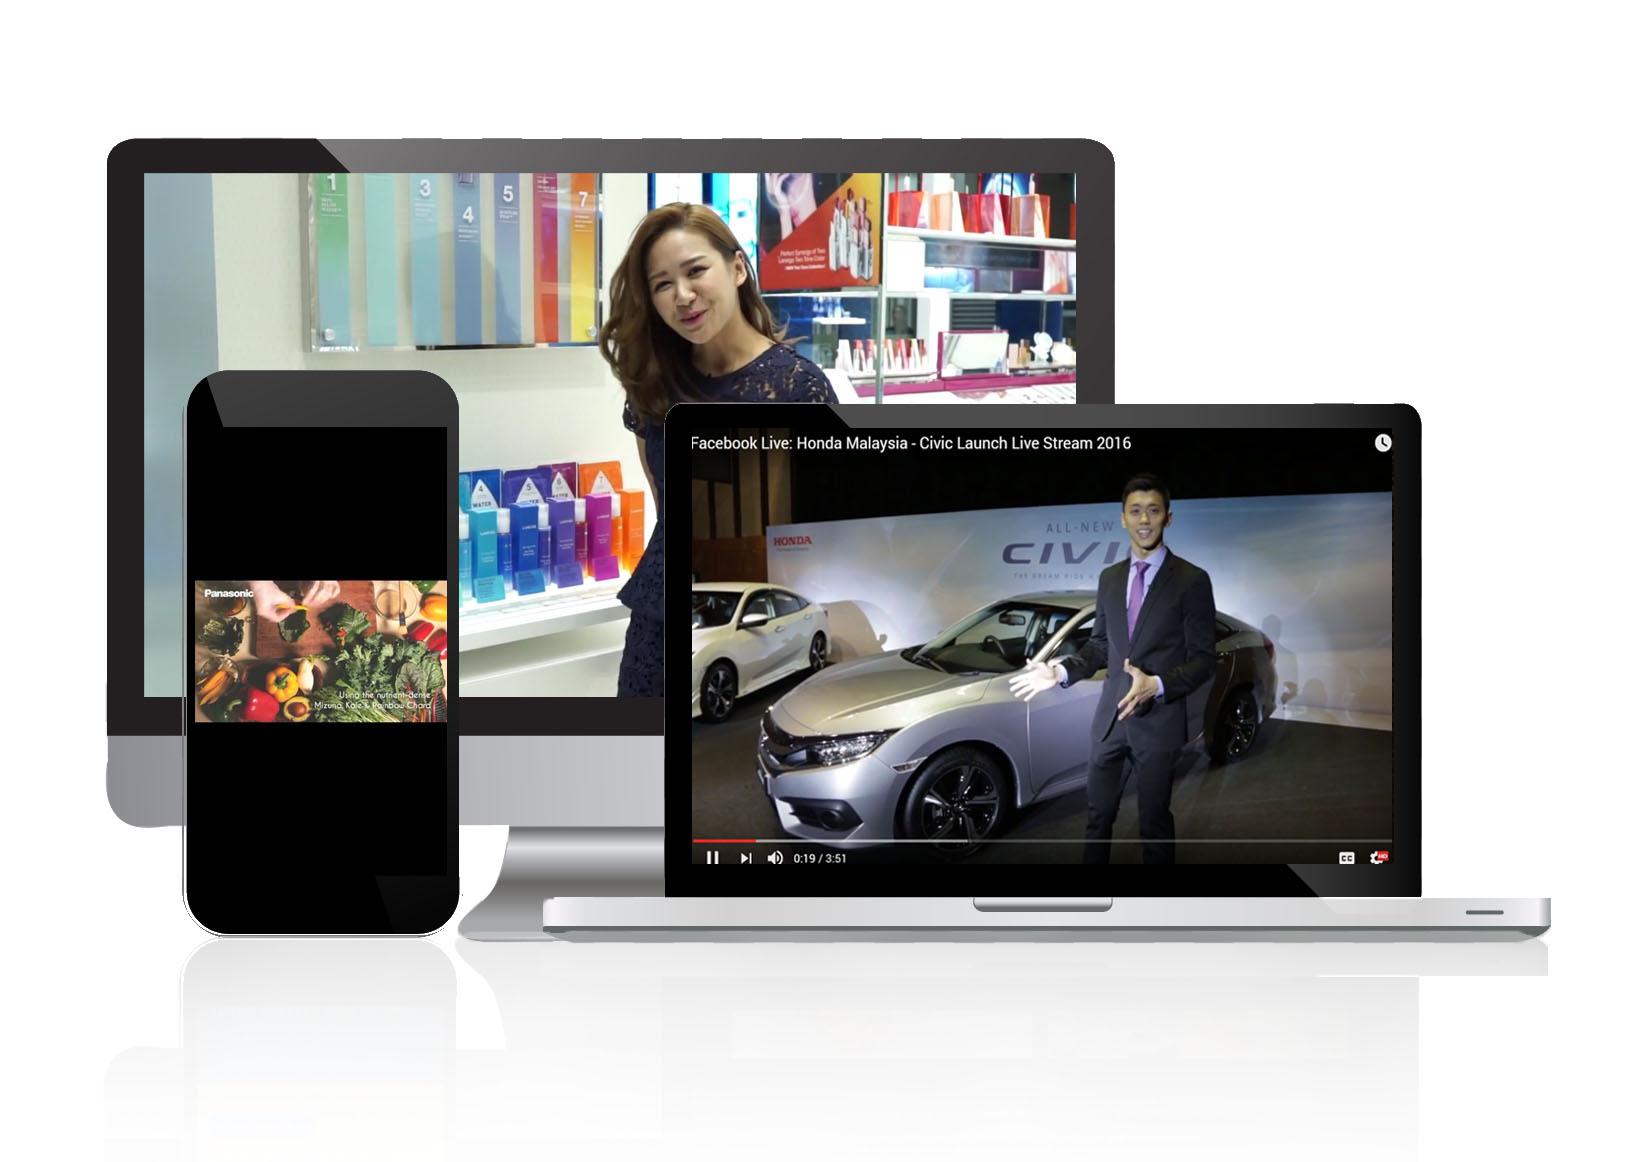 Digital Marketing Agency, SEO, Social media marketing, digital marketing, content marketing, Facebook Videos, Facebook Applications, online marketing, social media, search marketing